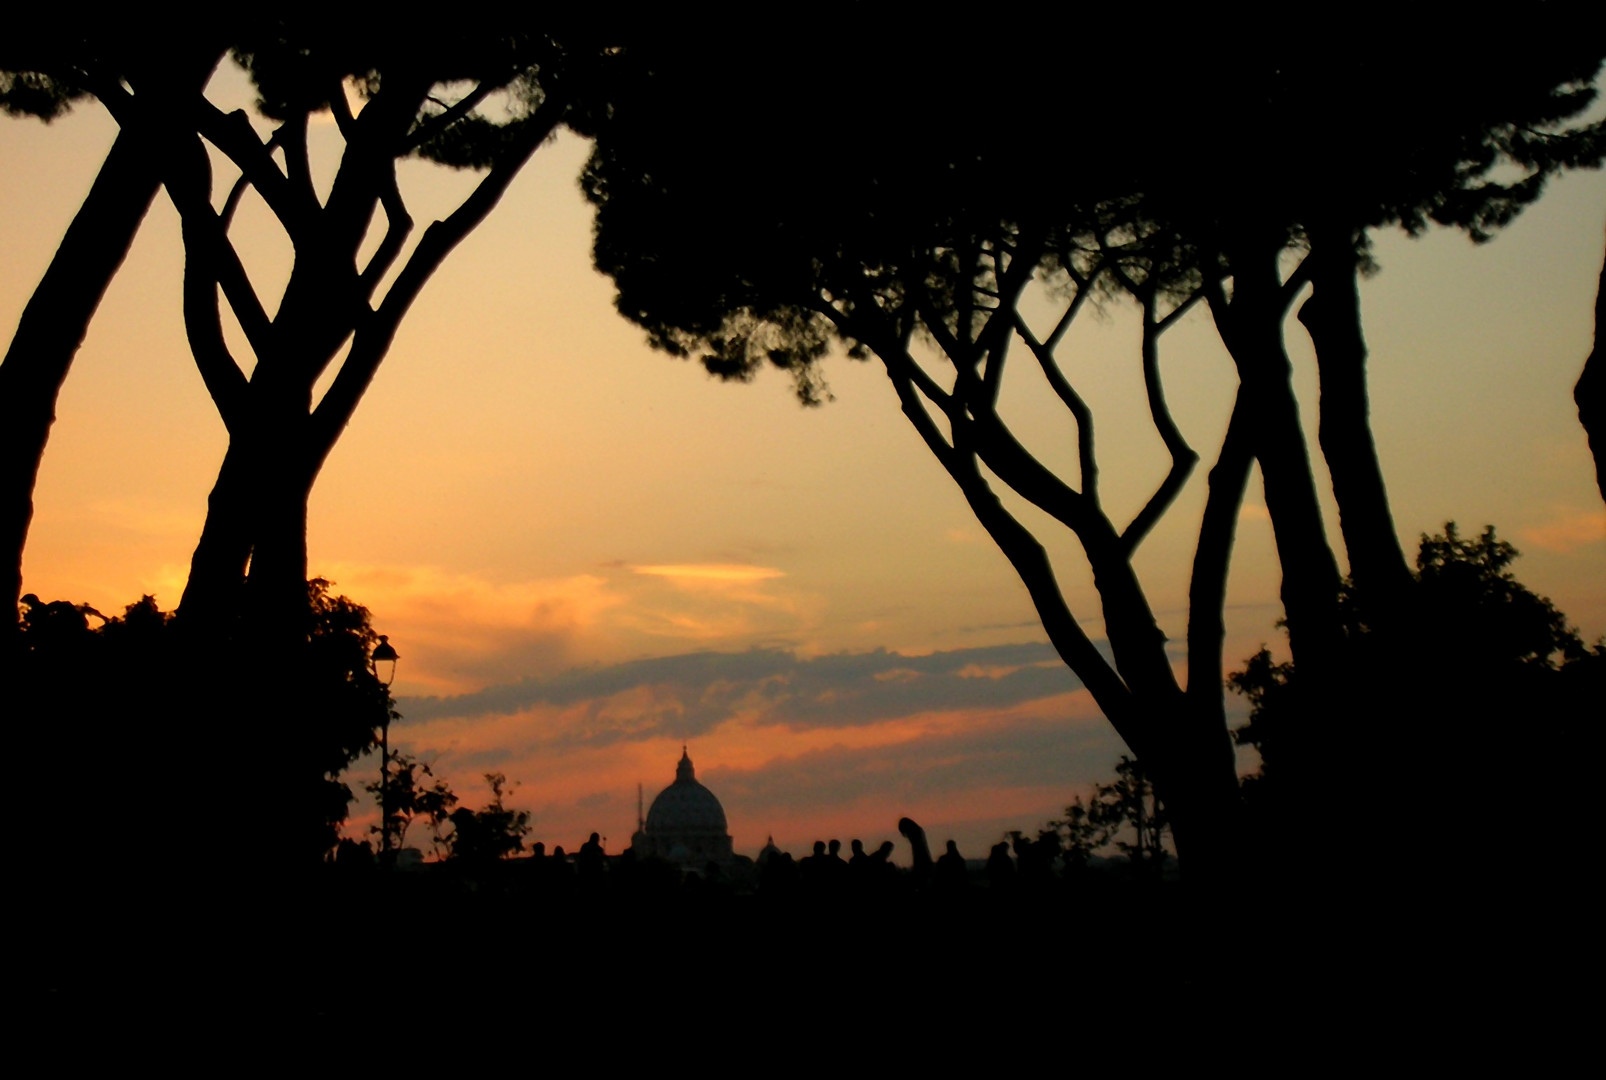 Tramonto dal giardino degli aranci roma foto immagini essere giovani tramonti persone foto - Giardino degli aranci frattamaggiore ...